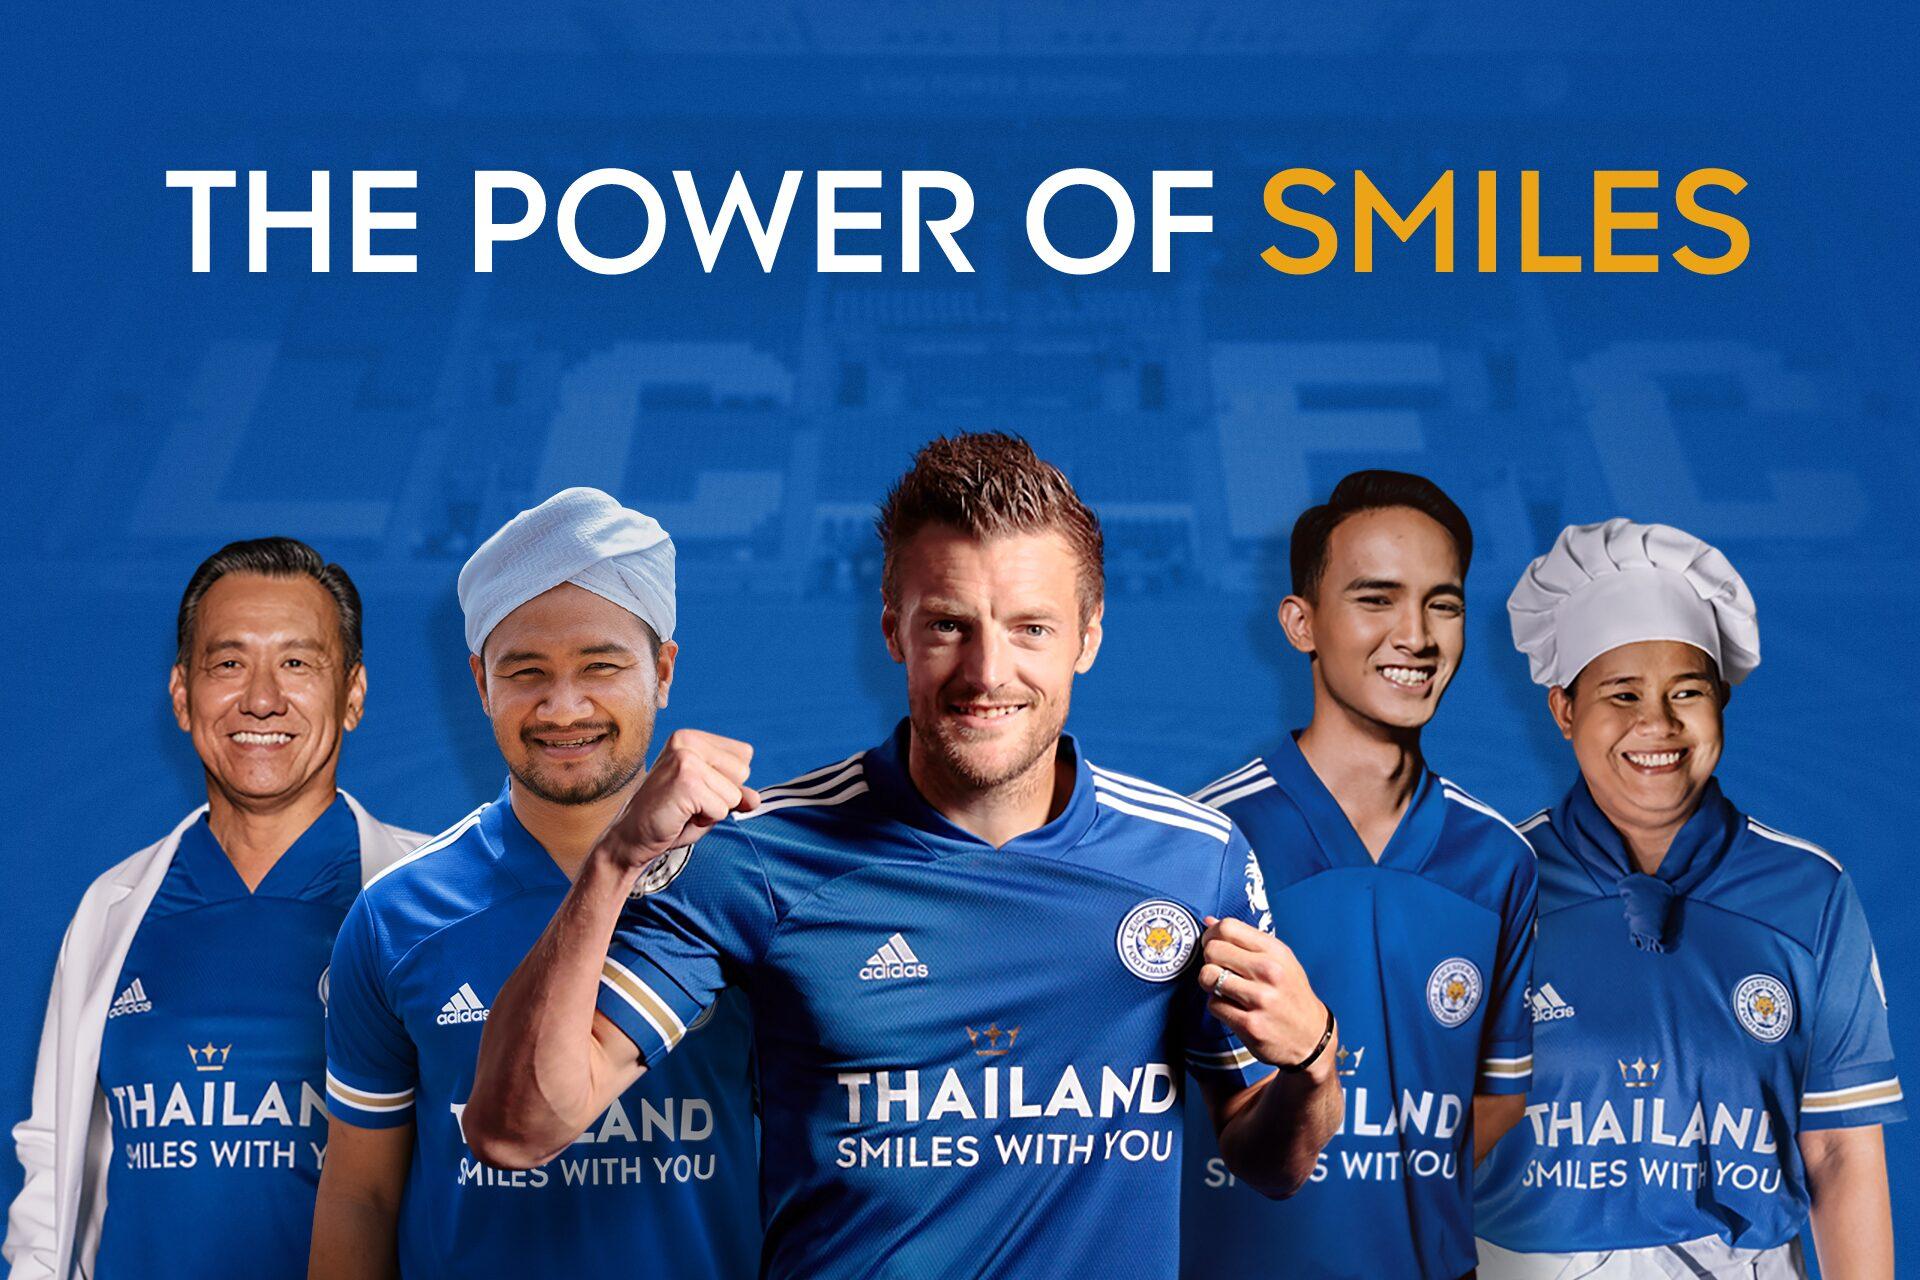 'คิงเพาเวอร์' เผยโฆษณา 'THAILAND SMILES WITH YOU' เสนอเรื่องราวผู้รับผลกระทบจากโควิด-19